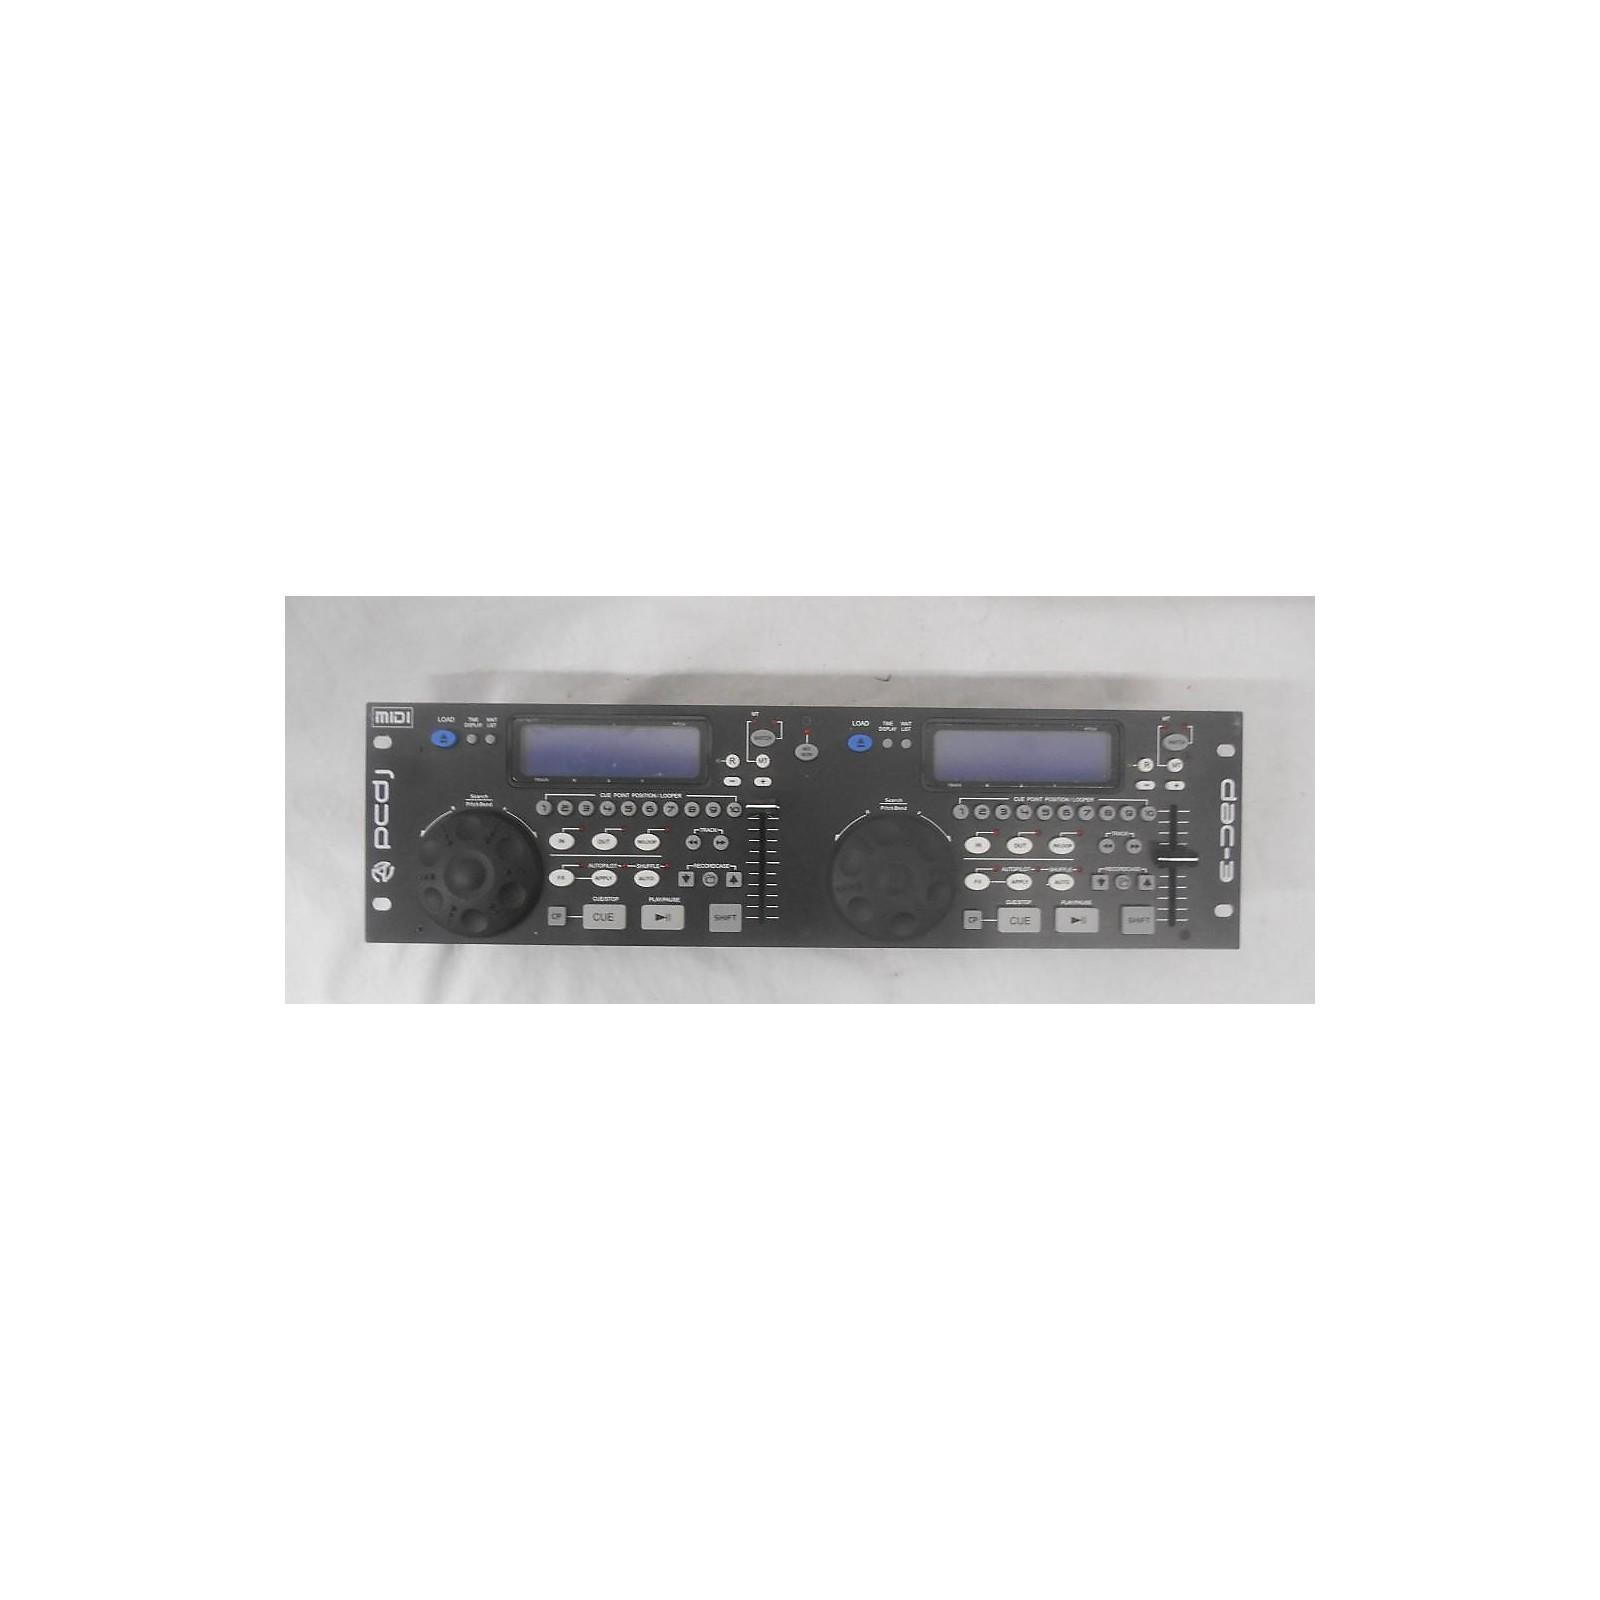 PCDJ DAC-3 DJ Controller